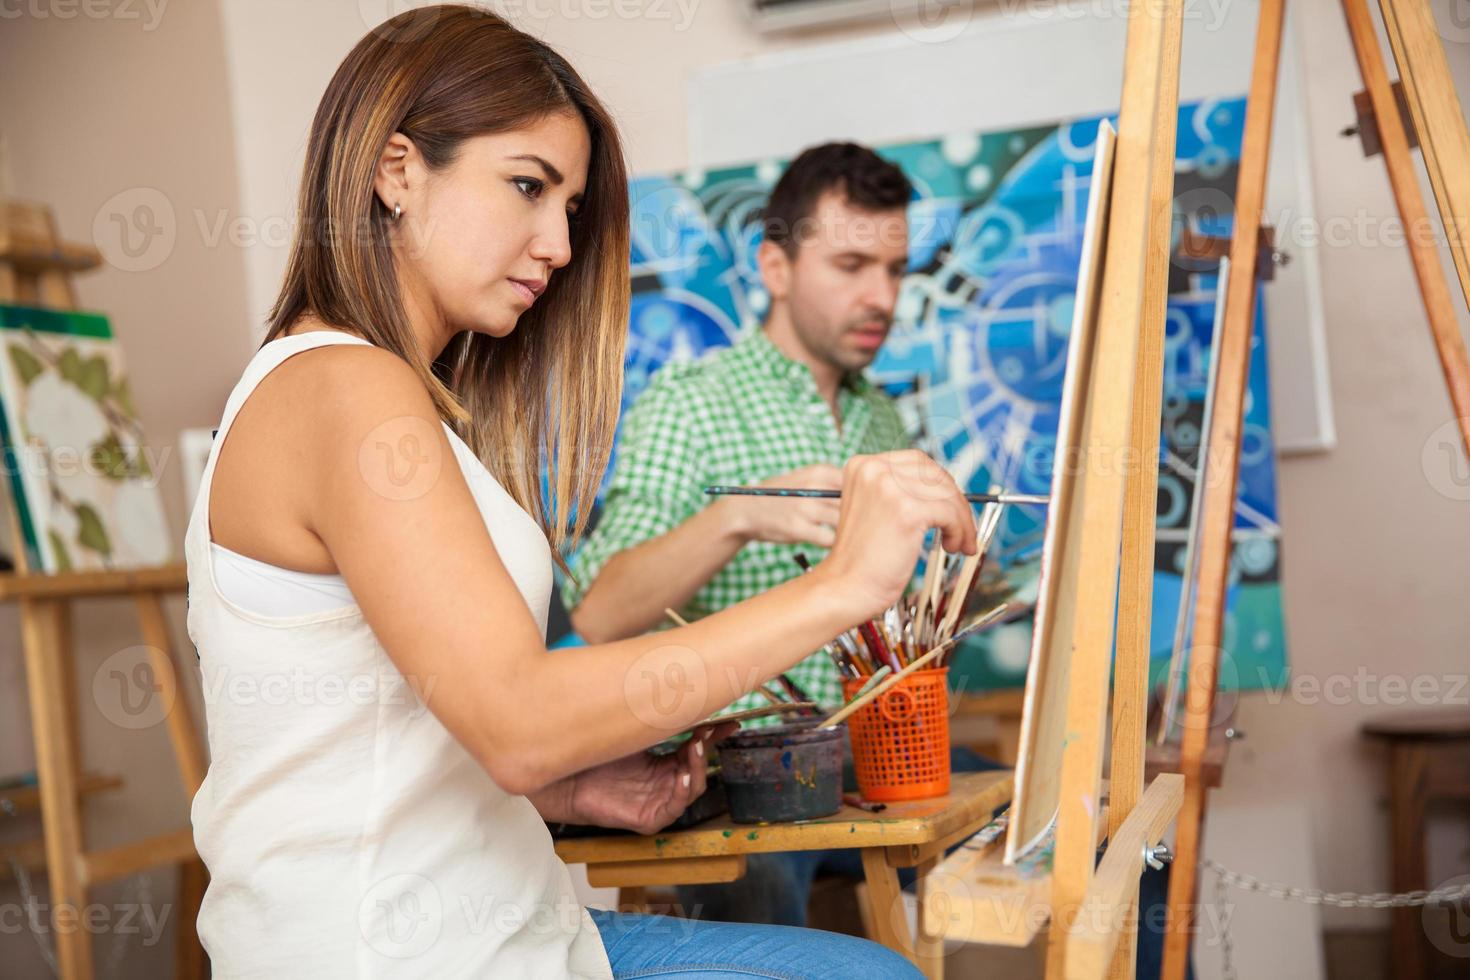 Adults attending art class photo